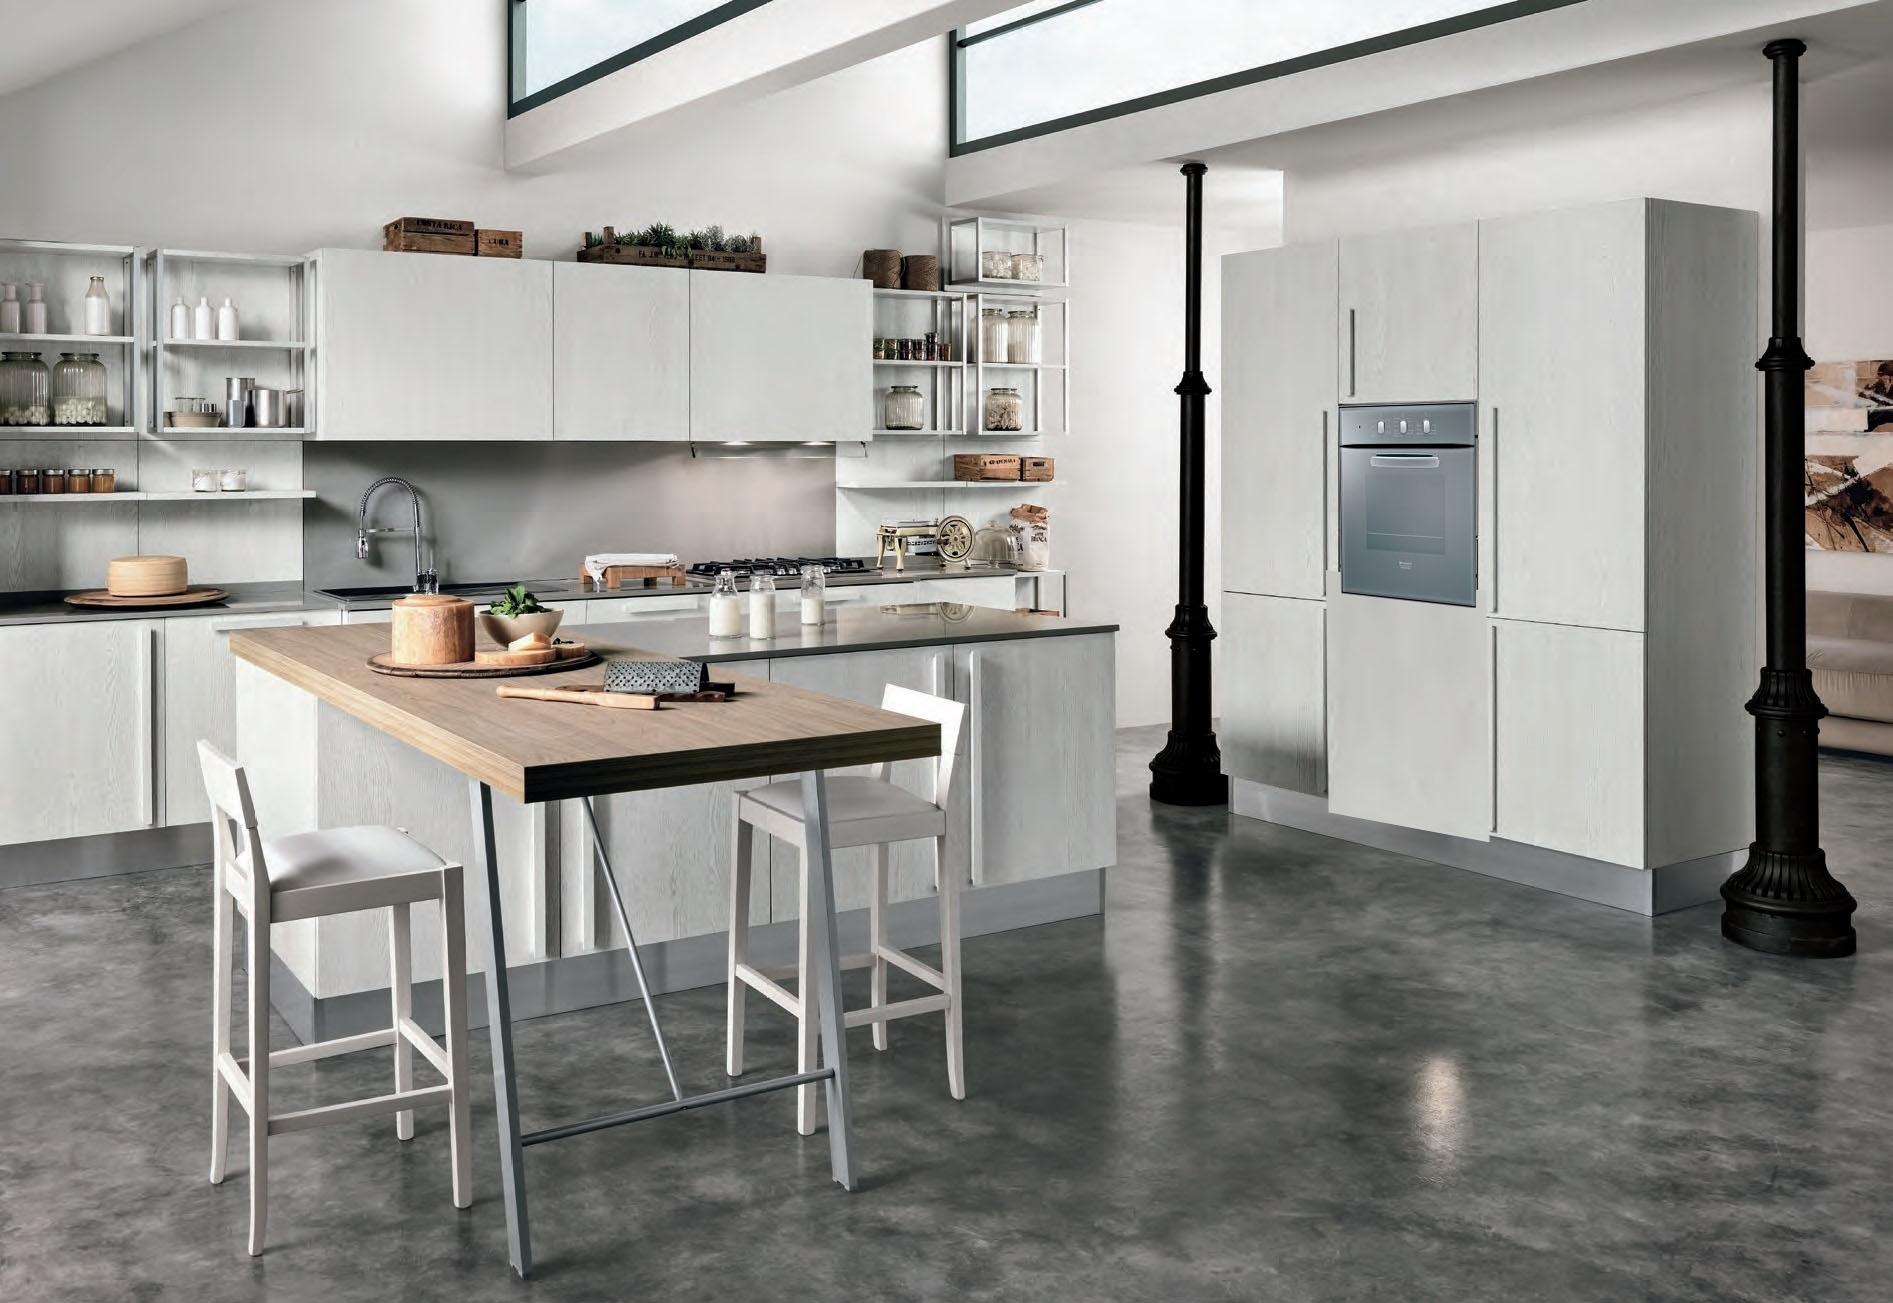 Cucina come foto in offerta con isola outlet nuovimondi cucine a prezzi scontati - Cucine con isola ...